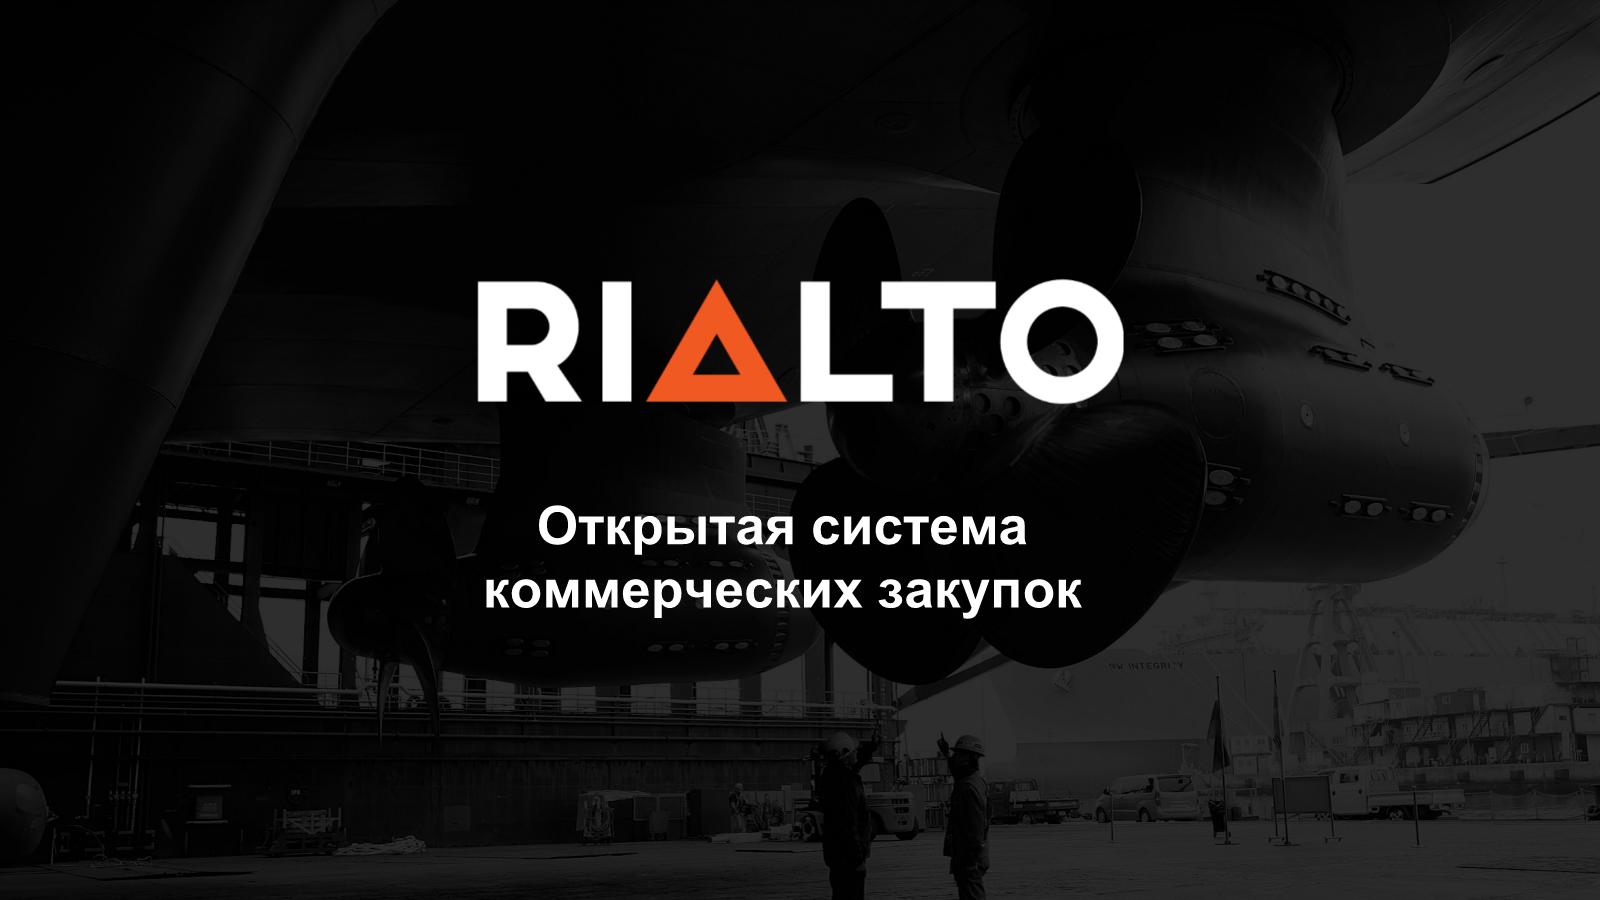 Мережа успішно випробувала інноваційну відкриту систему комерційних  закупівель RIALTO